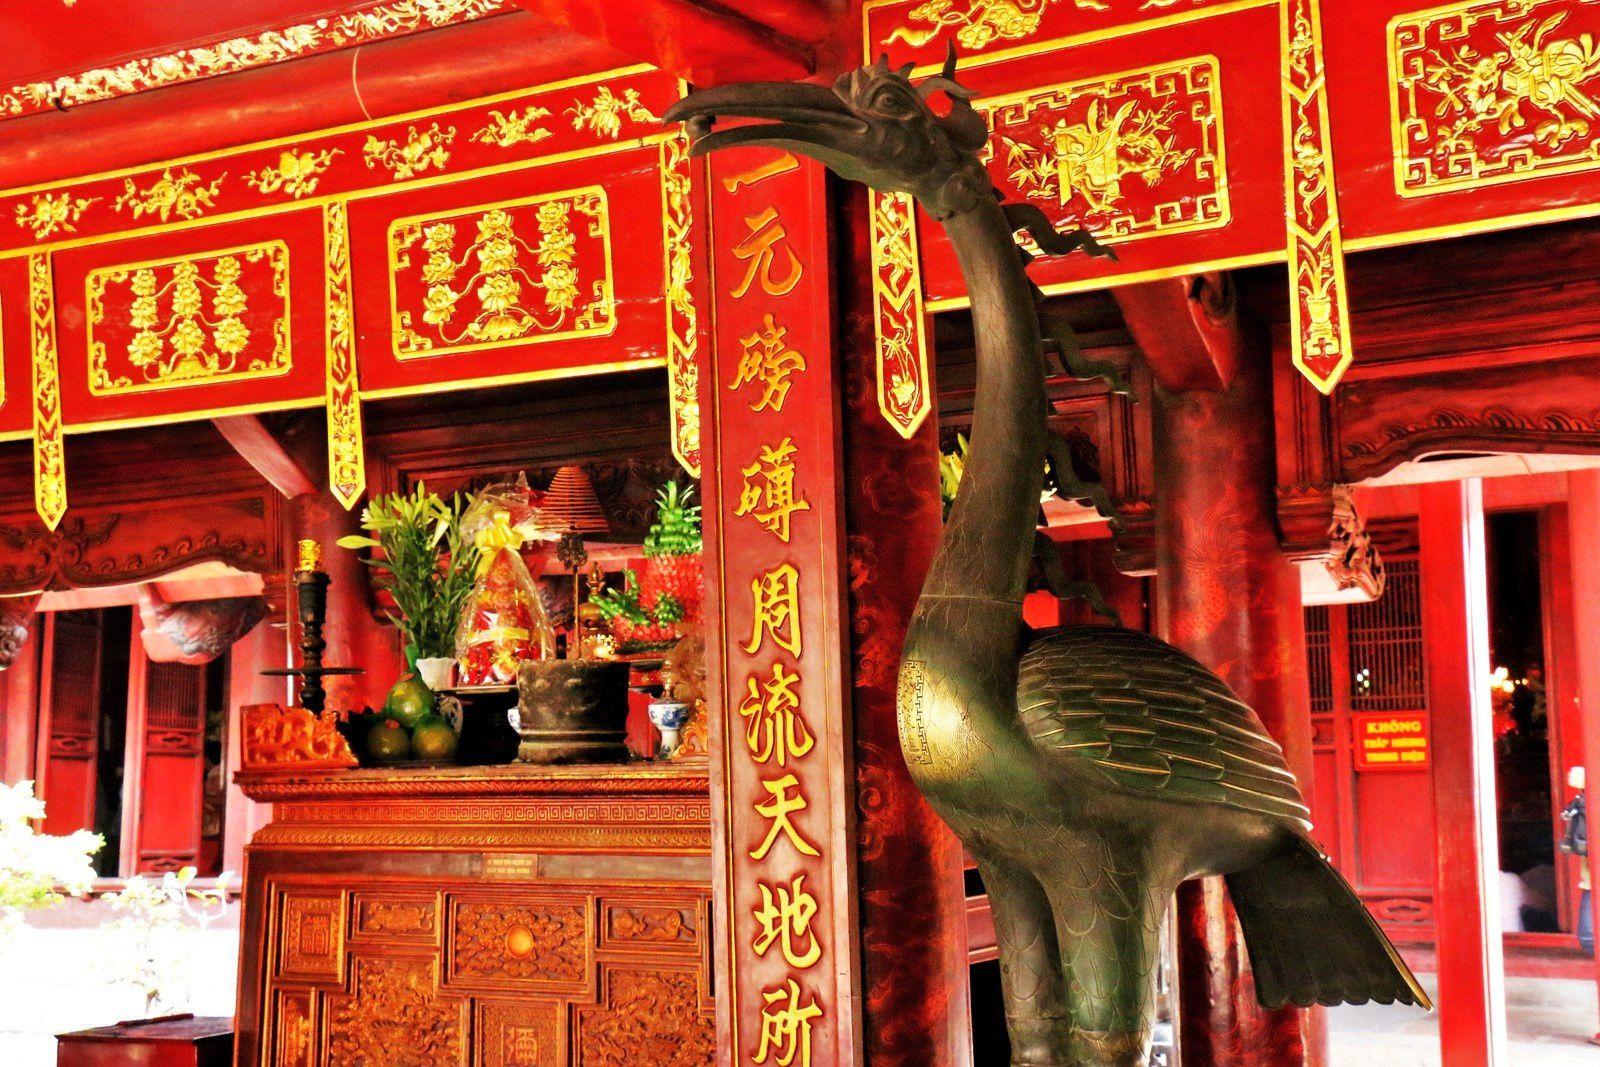 Temple de Confucius (l'entrée), temple de la littérature Van Miêu-Quôc Tu Giam